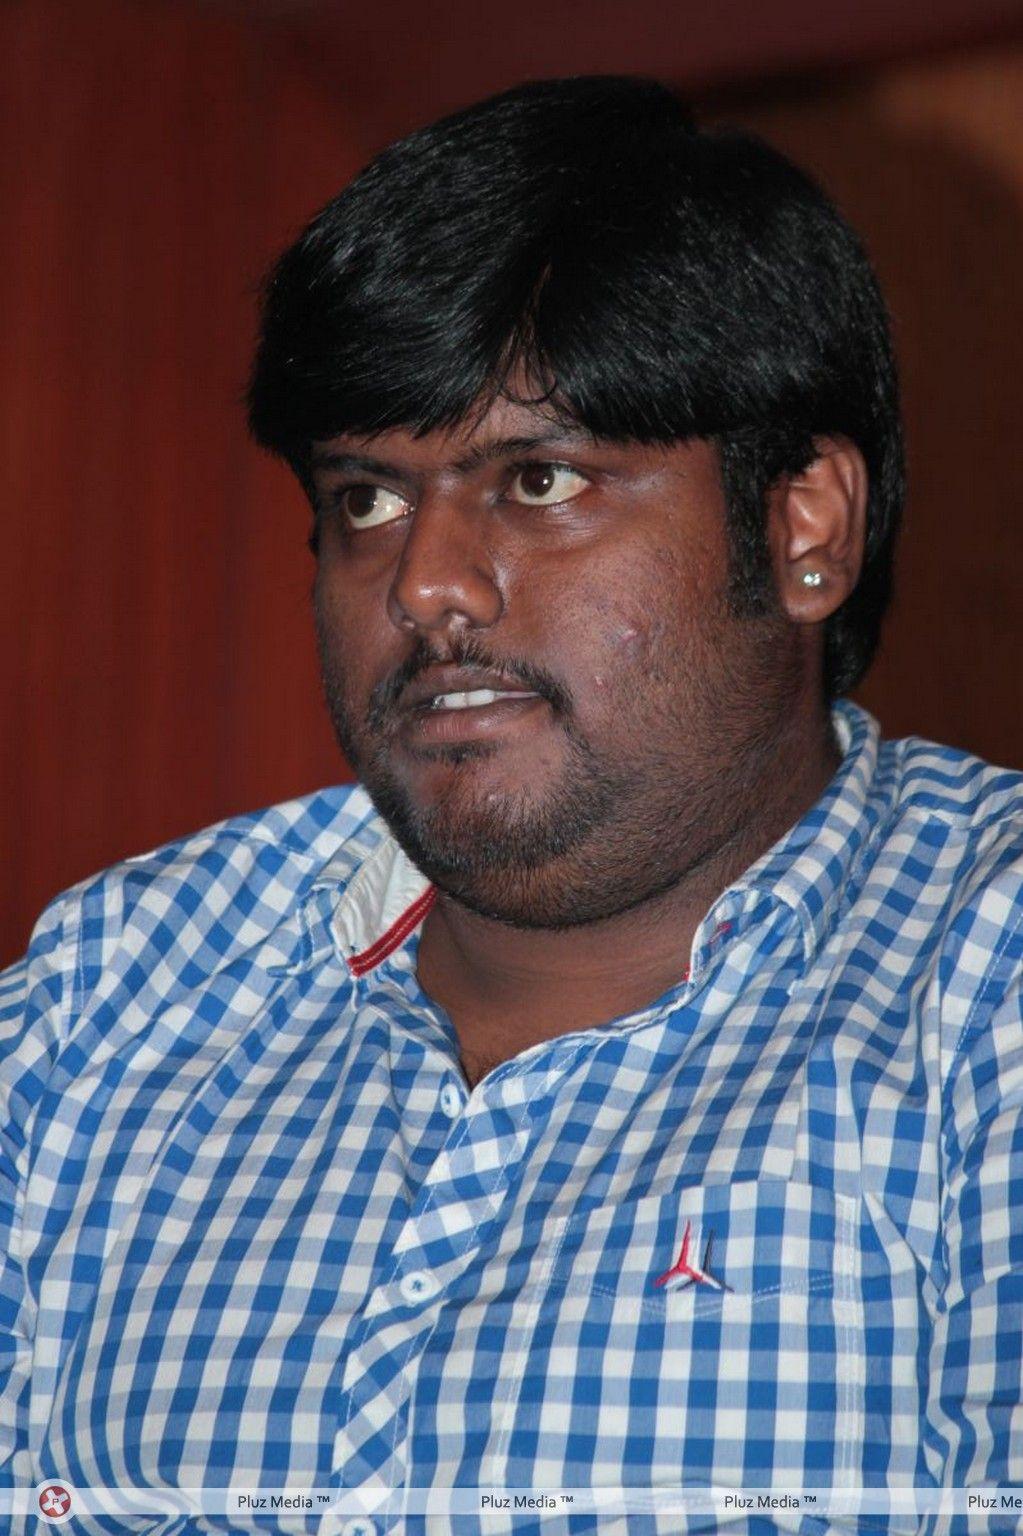 Ashvin Raja Meme Template